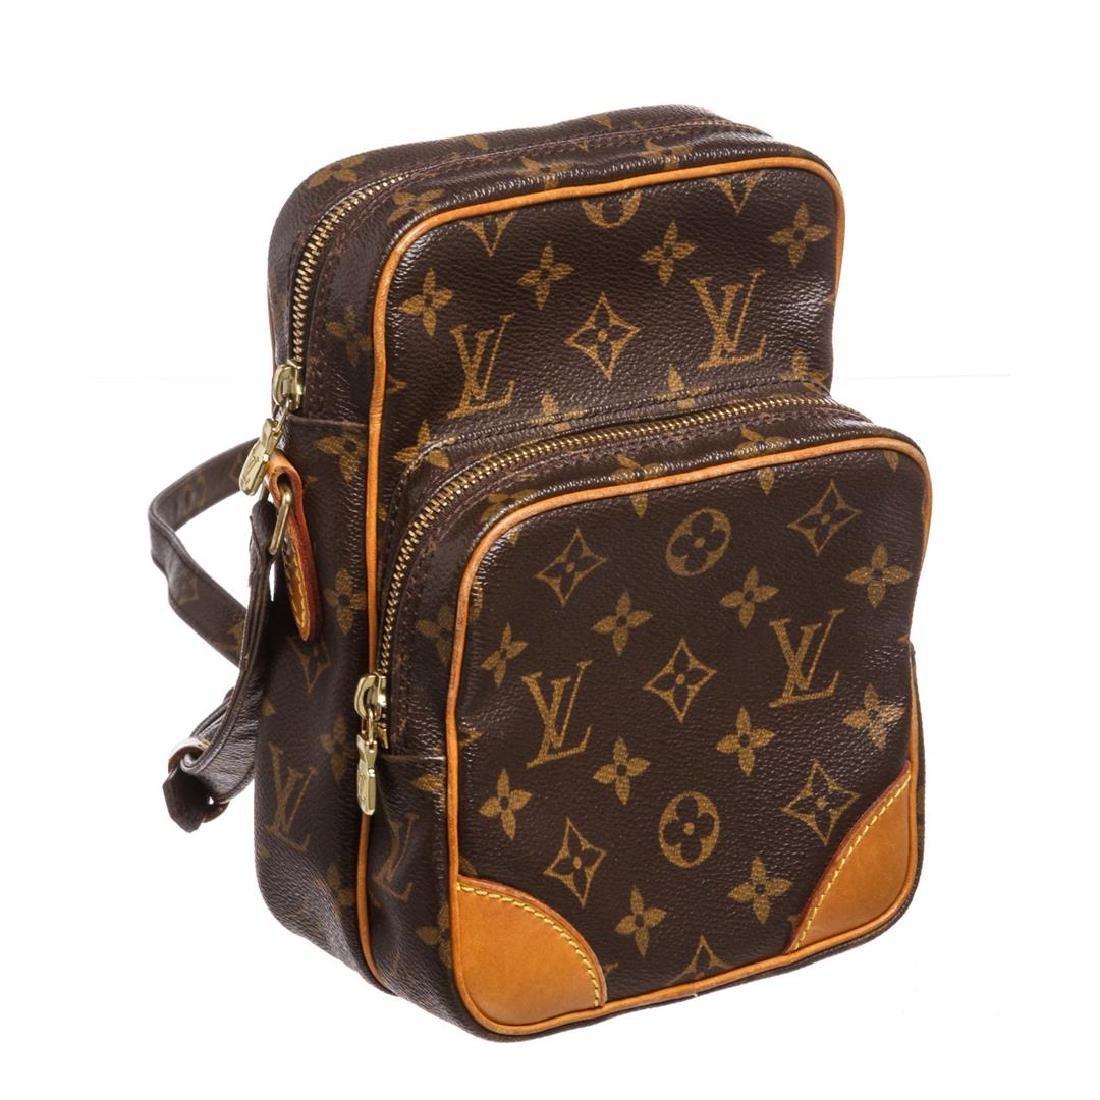 Louis Vuitton Monogram Canvas Leather Amazone Crossbody - 2